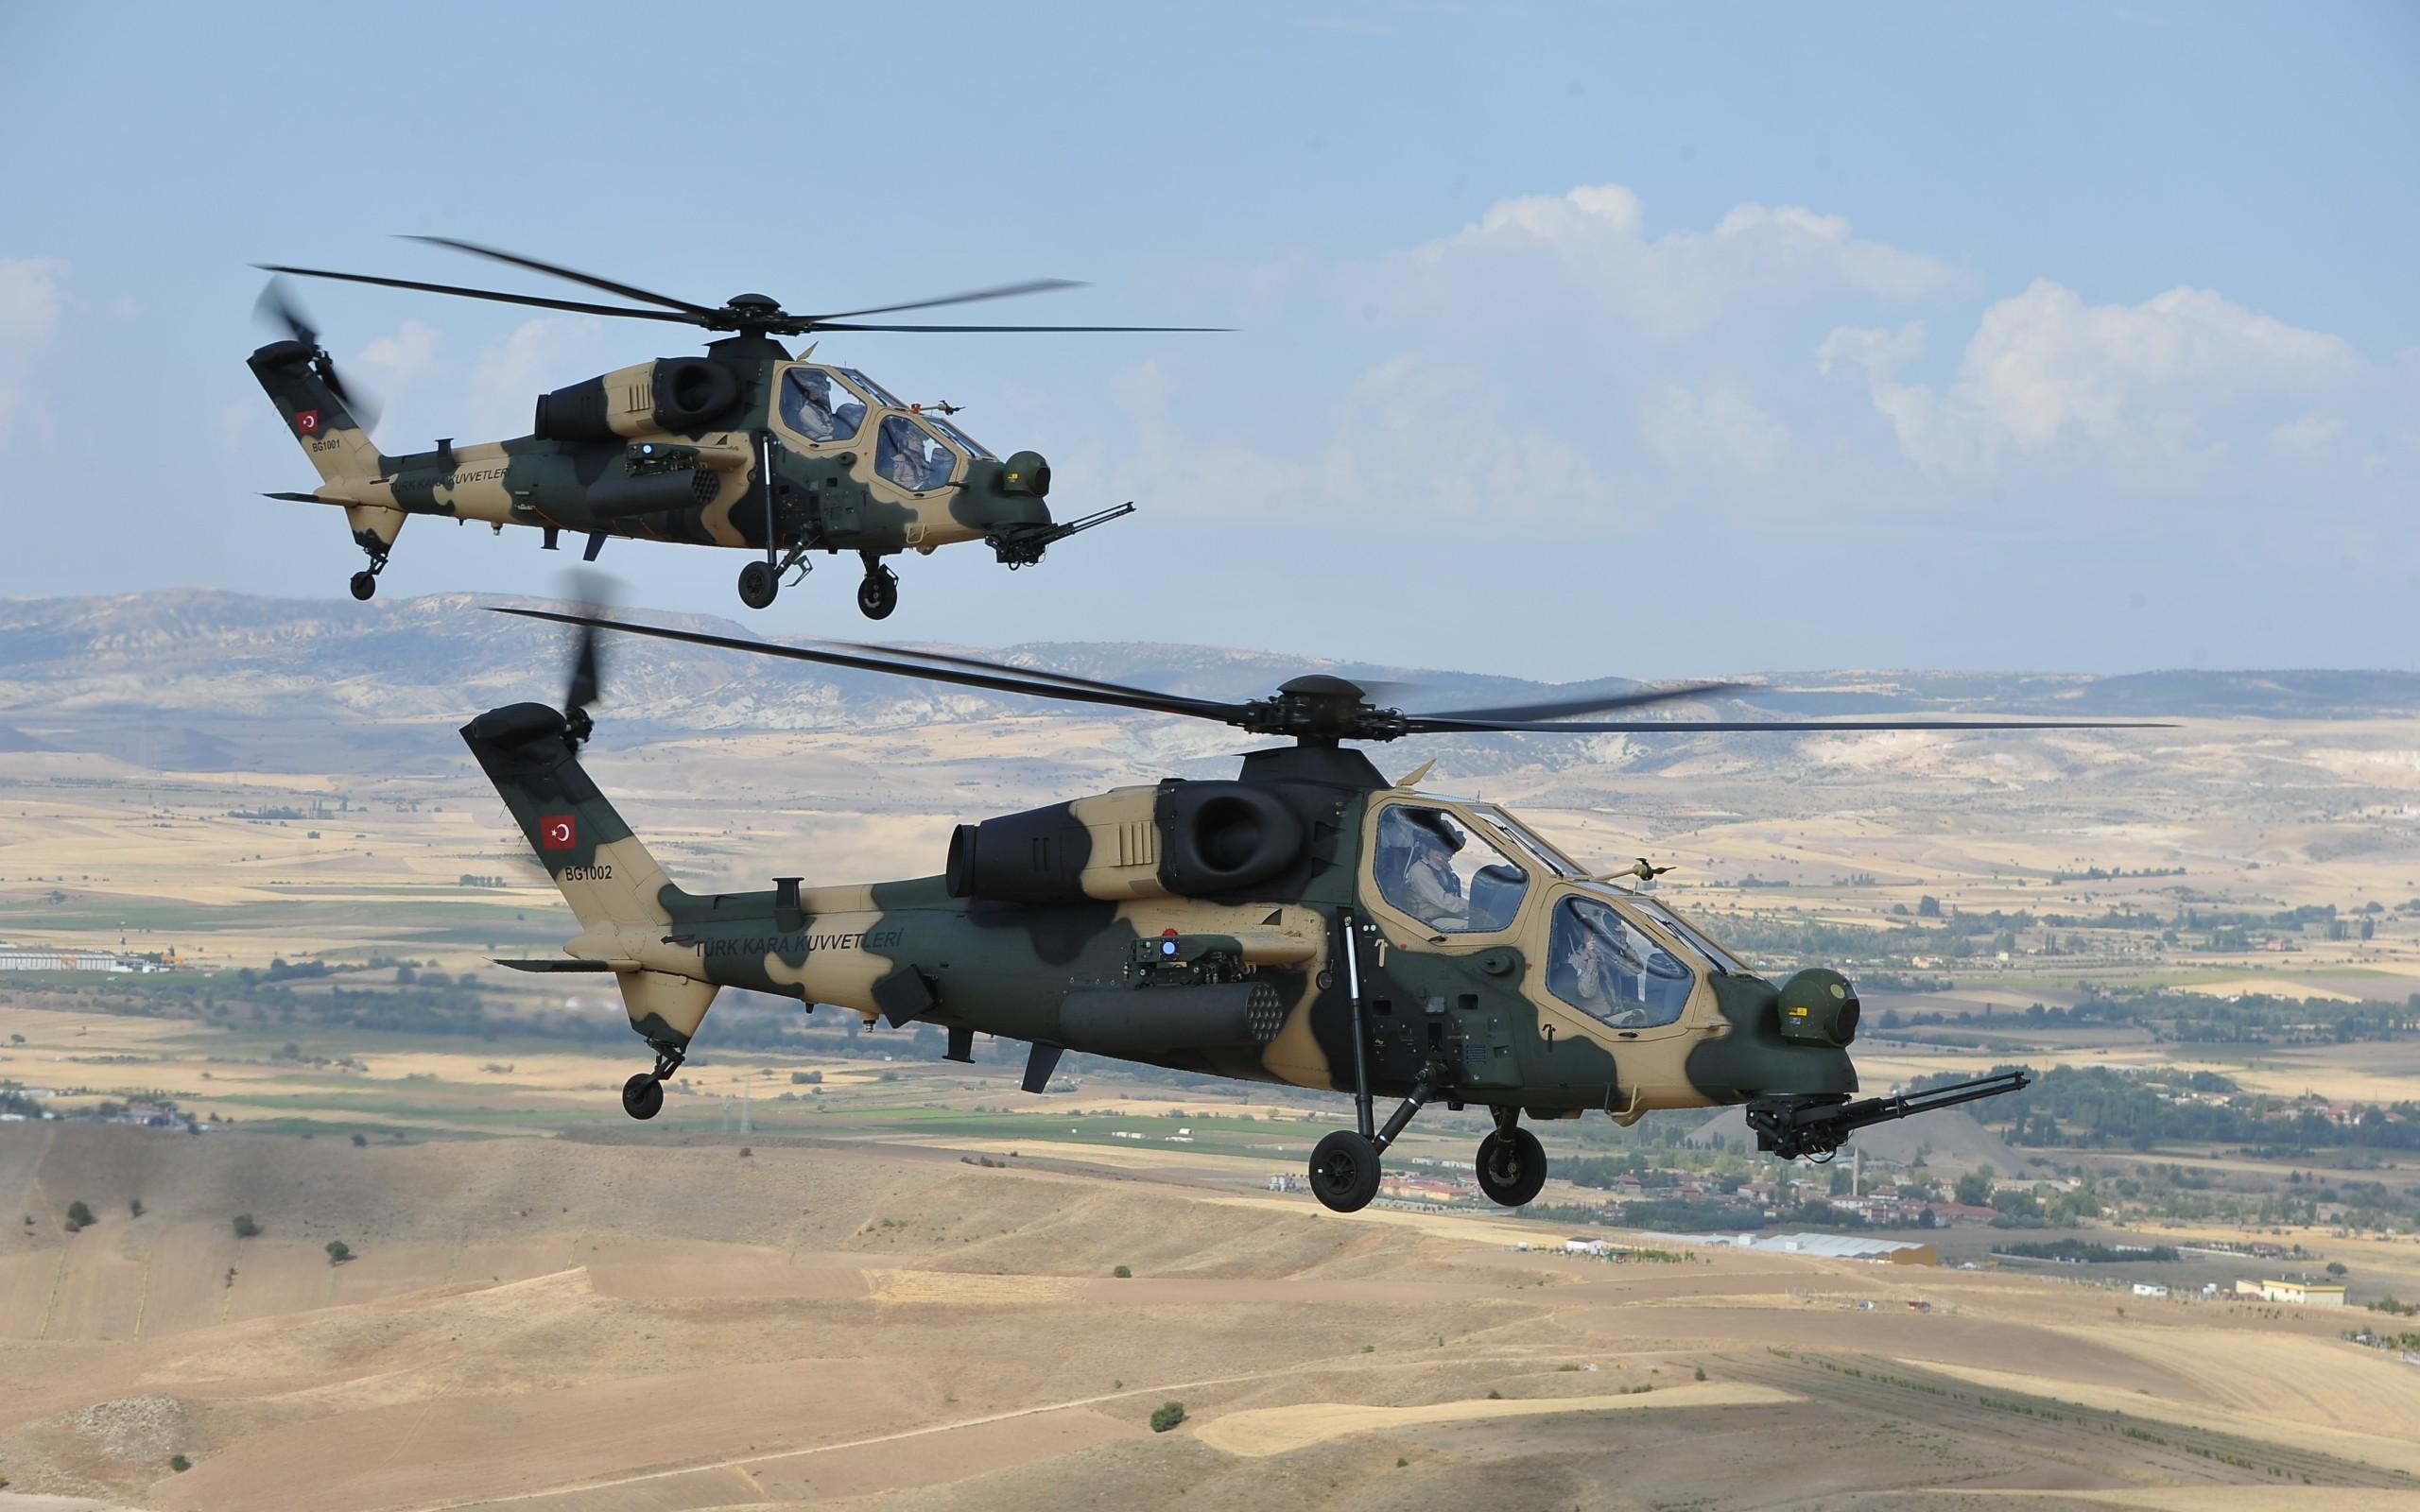 Elicottero T 129 : Sfondi : veicolo aereo aerei militari elicotteri tai